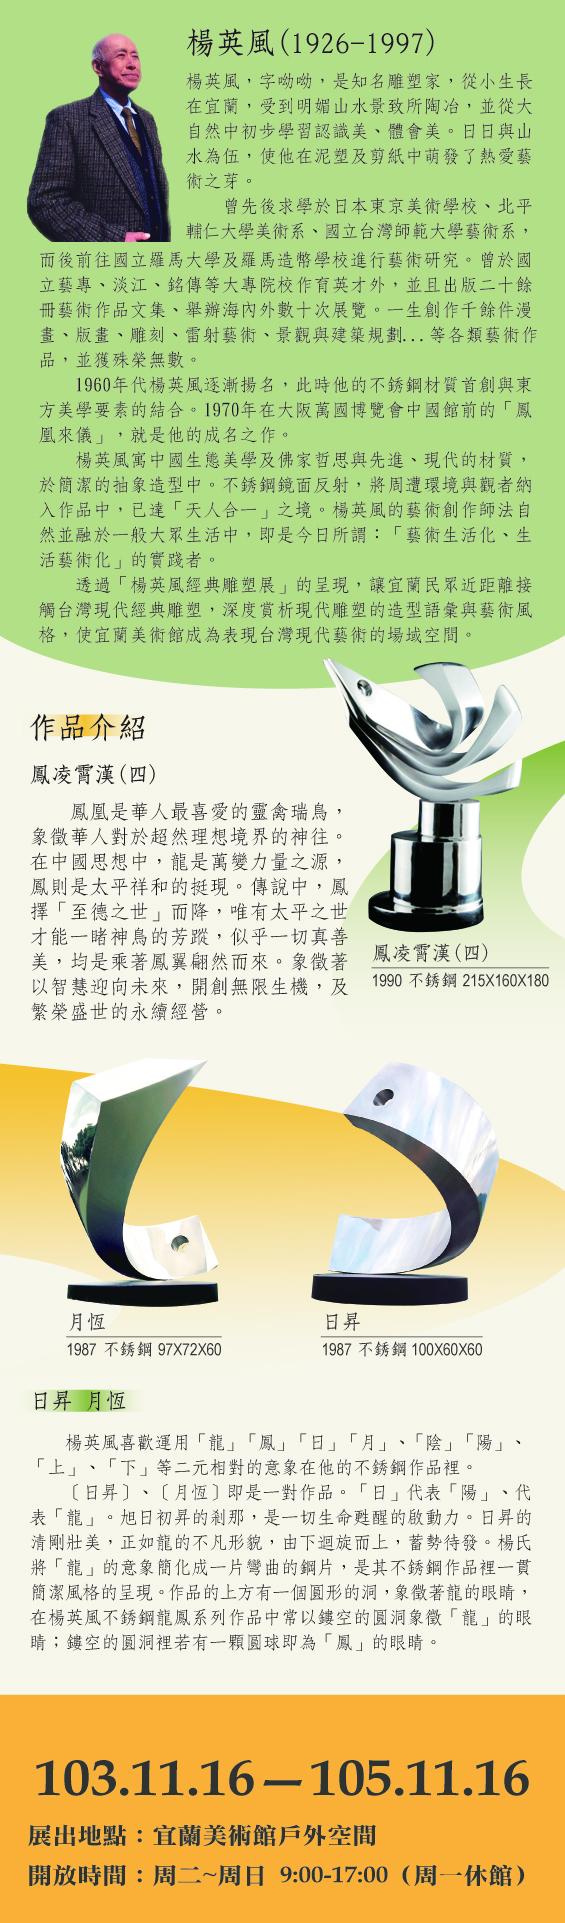 楊英風雕塑展摺頁-2